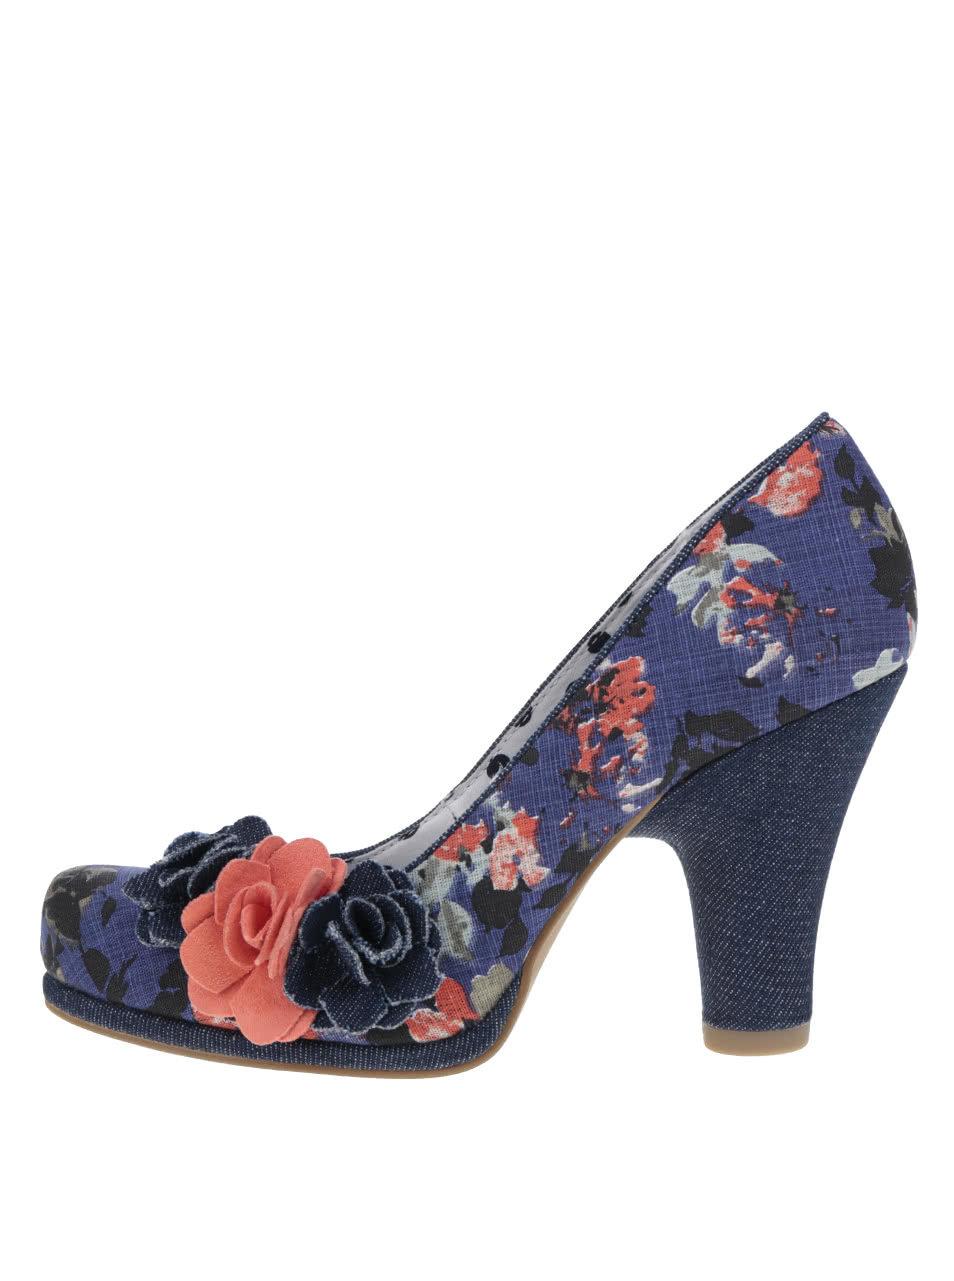 132f352c6a79 Tmavomodré kvetované lodičky s kvetom Ruby Shoo Eva ...